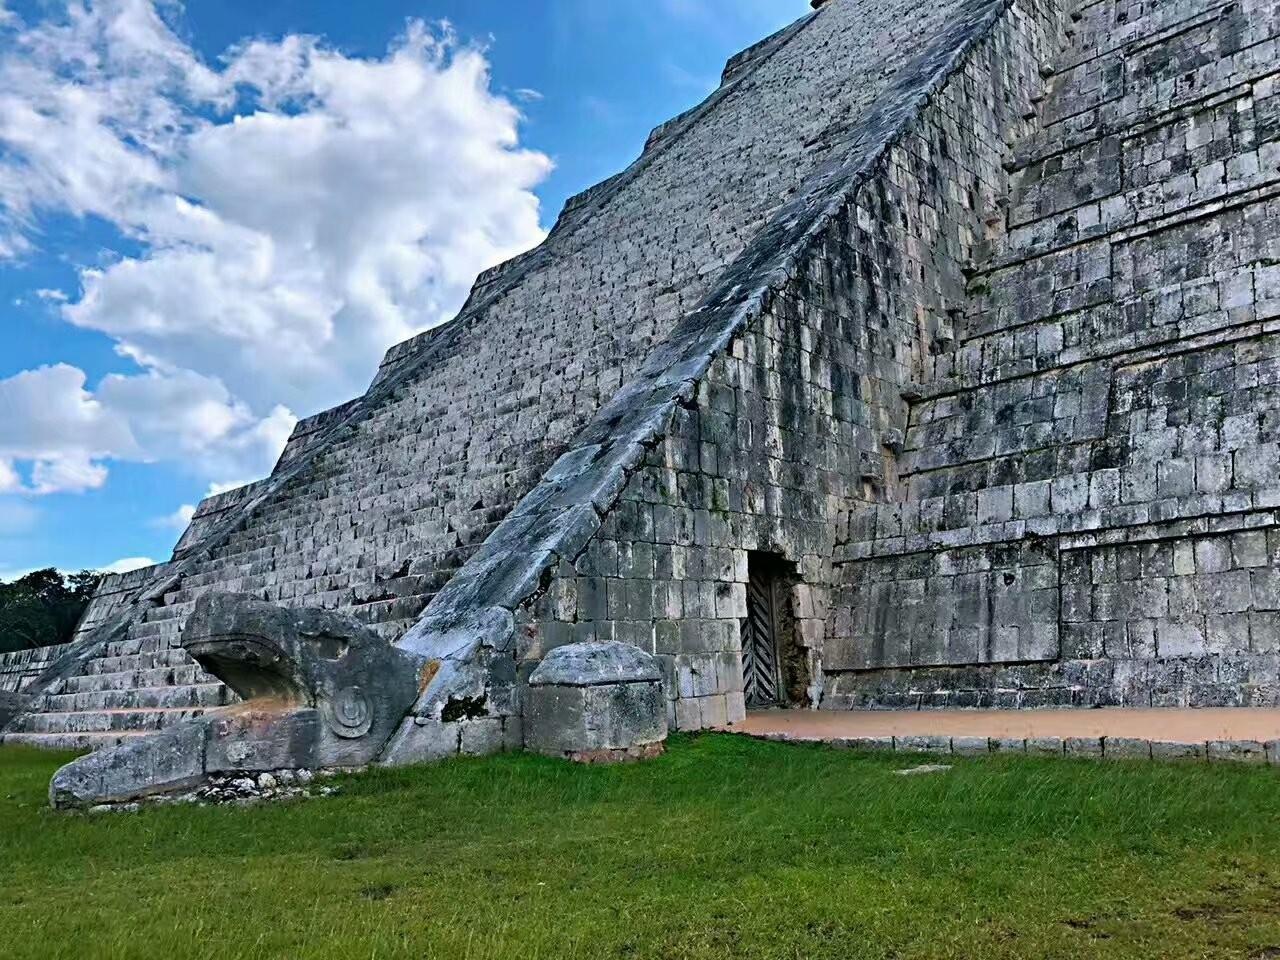 墨西哥奇琴伊察玛雅文化遗迹(图)_图1-8